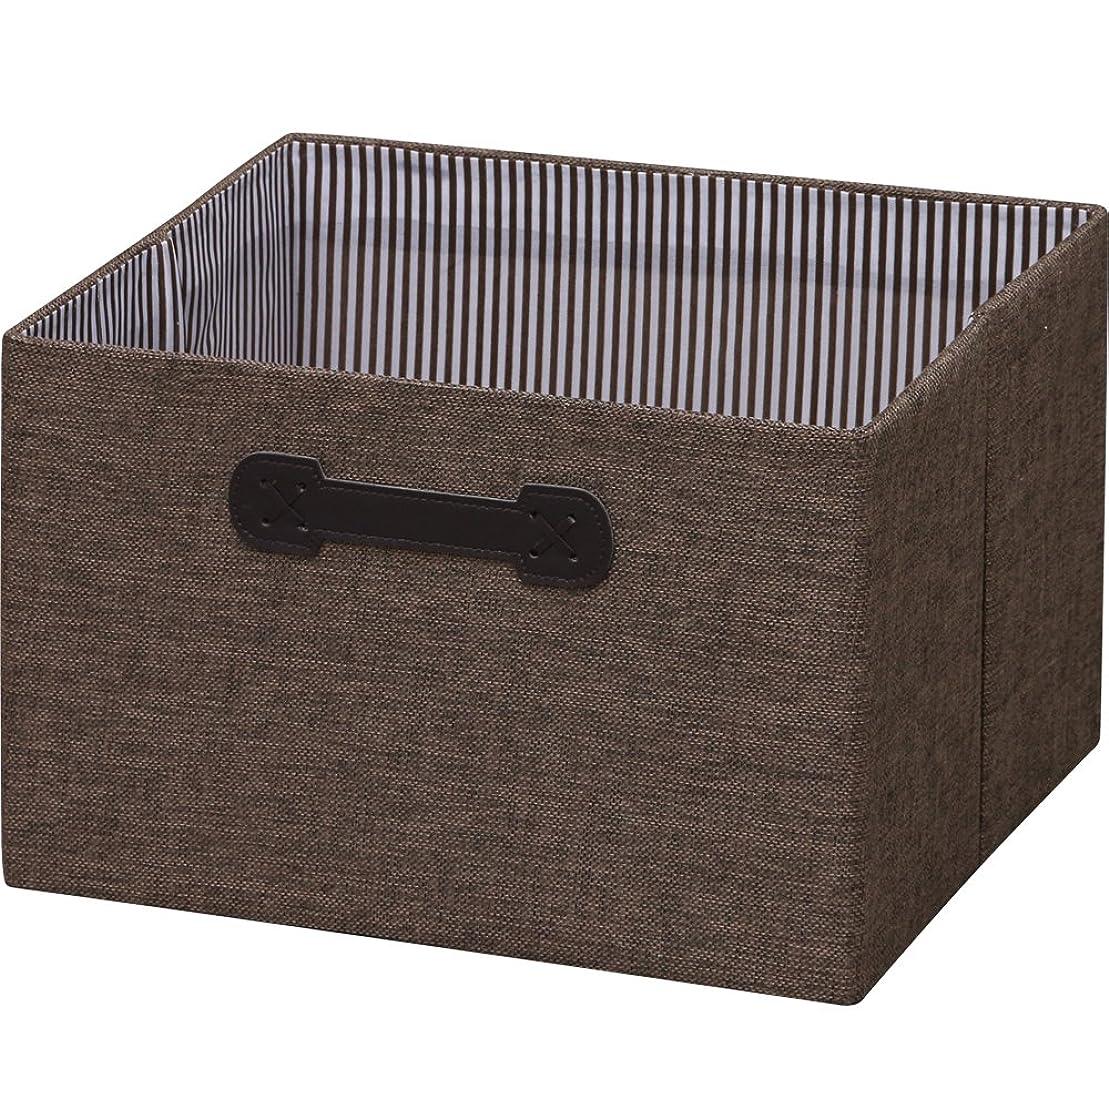 ランデブー咳万一に備えてアイリスオーヤマ ボックス インナーボックス 幅33.6×奥行26.8×高さ22cm ブラウン FIB-M33